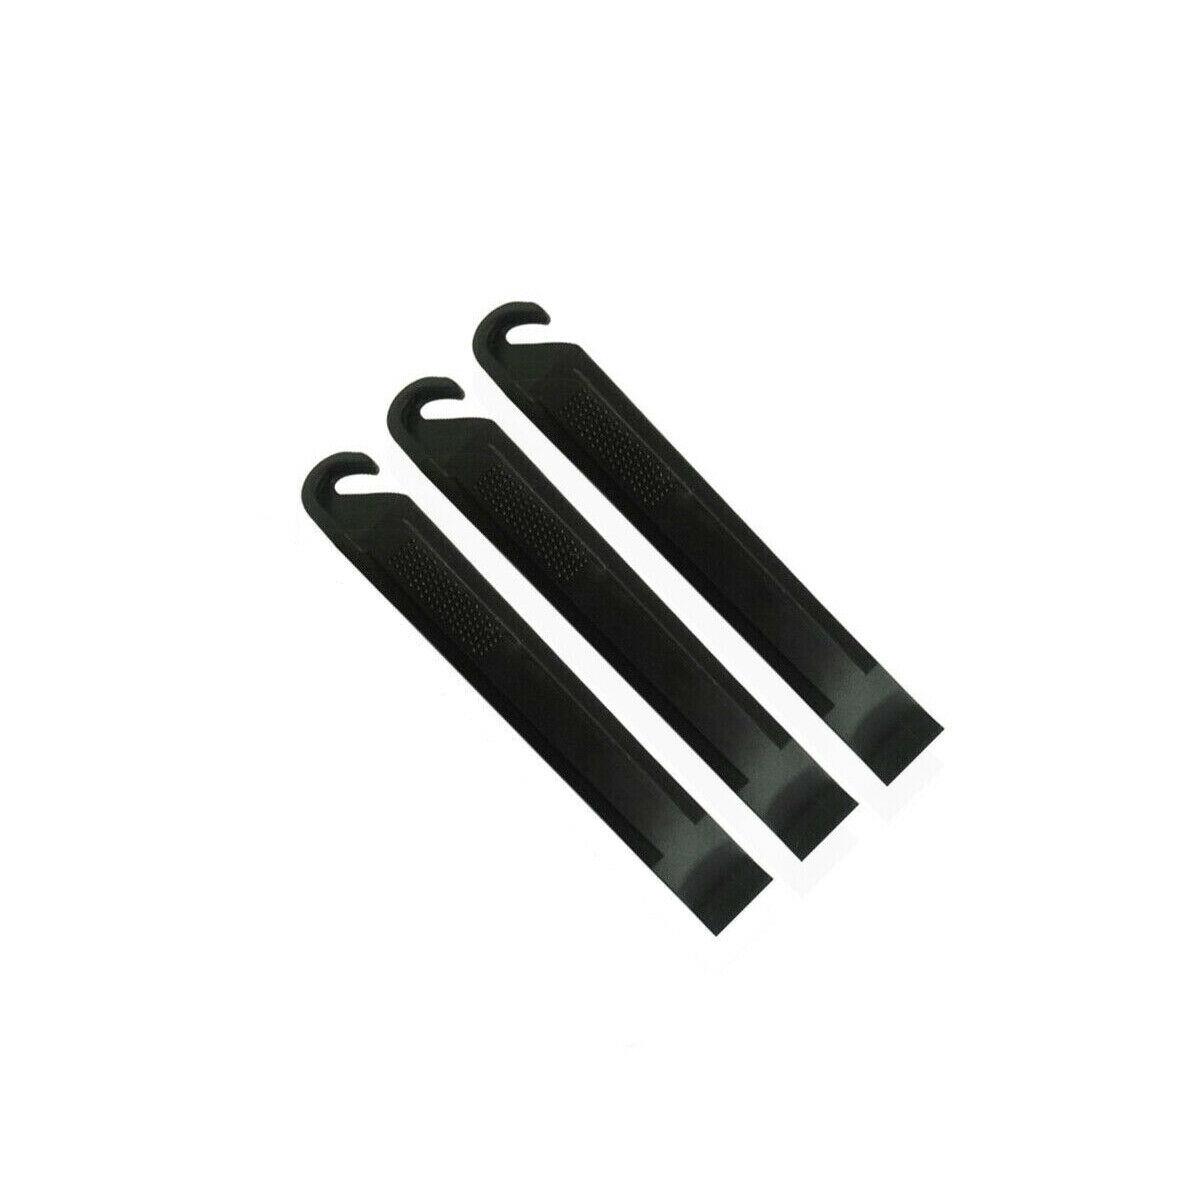 3x Fahrrad Reifenheber Reifen Werkzeug Reifenmontierhebel-Reparatur Stahl T N8H0